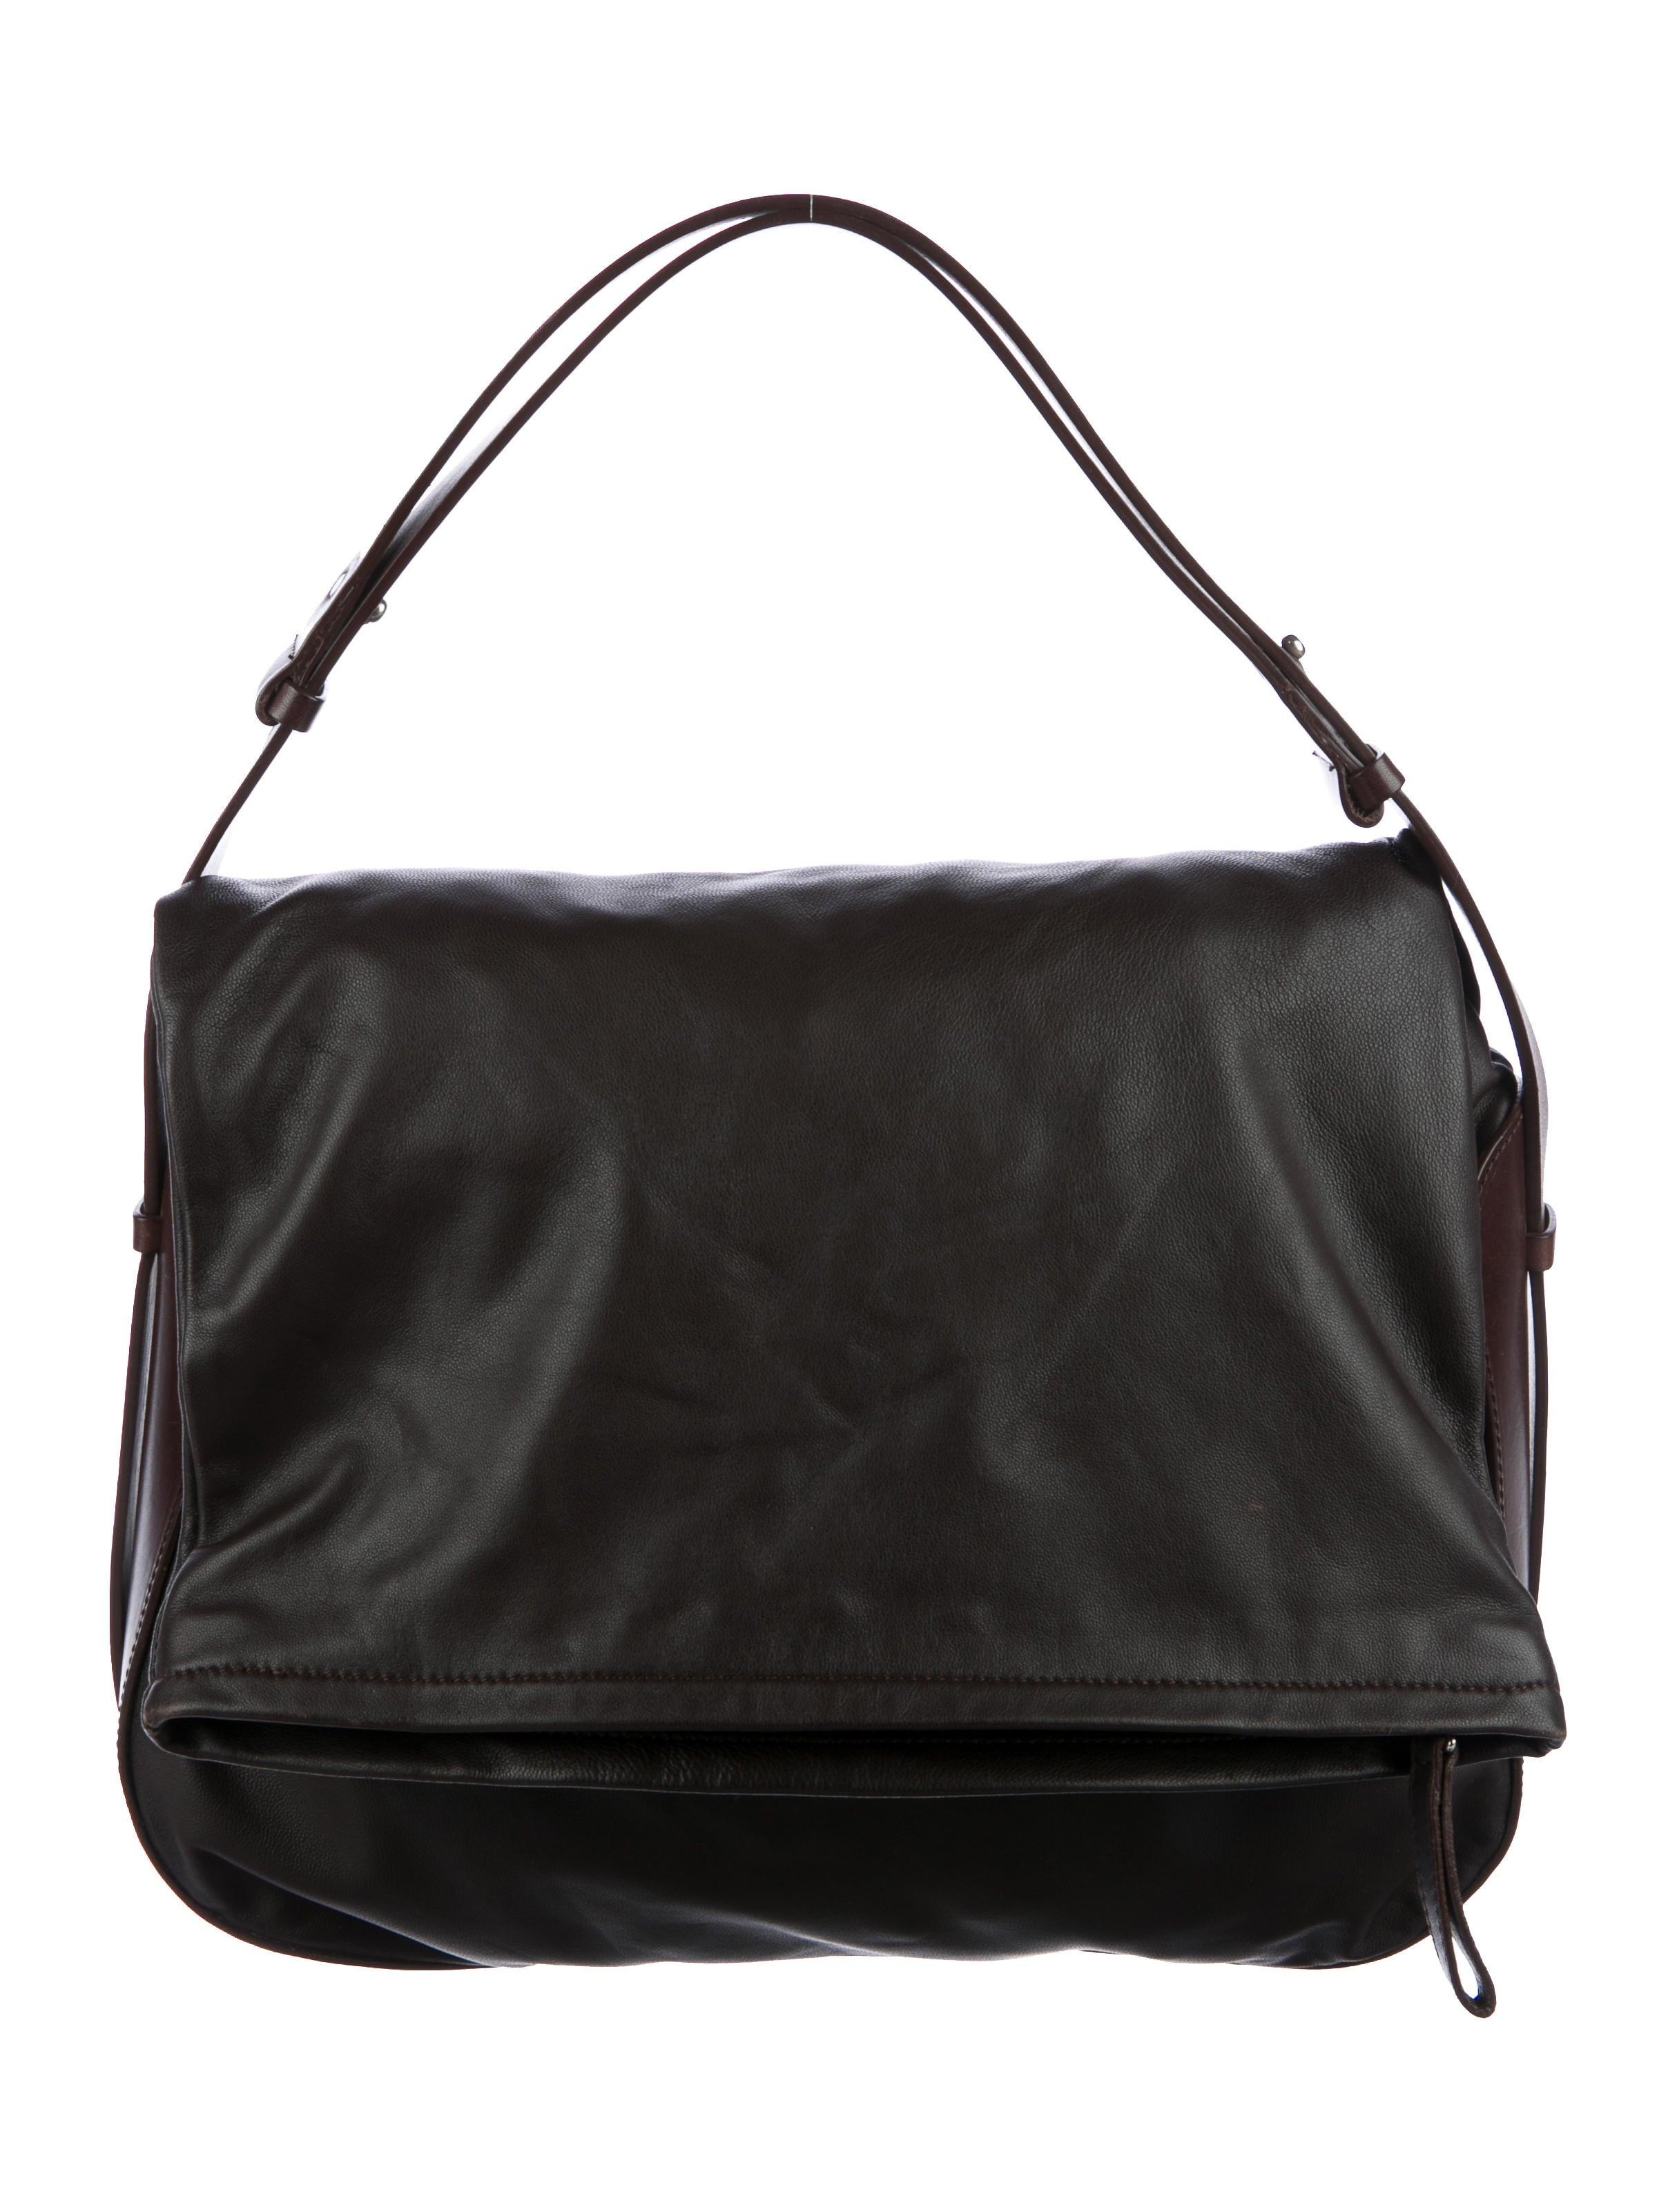 Flap Shoulder Leather Maison Margiela Bag qvEwC7C for